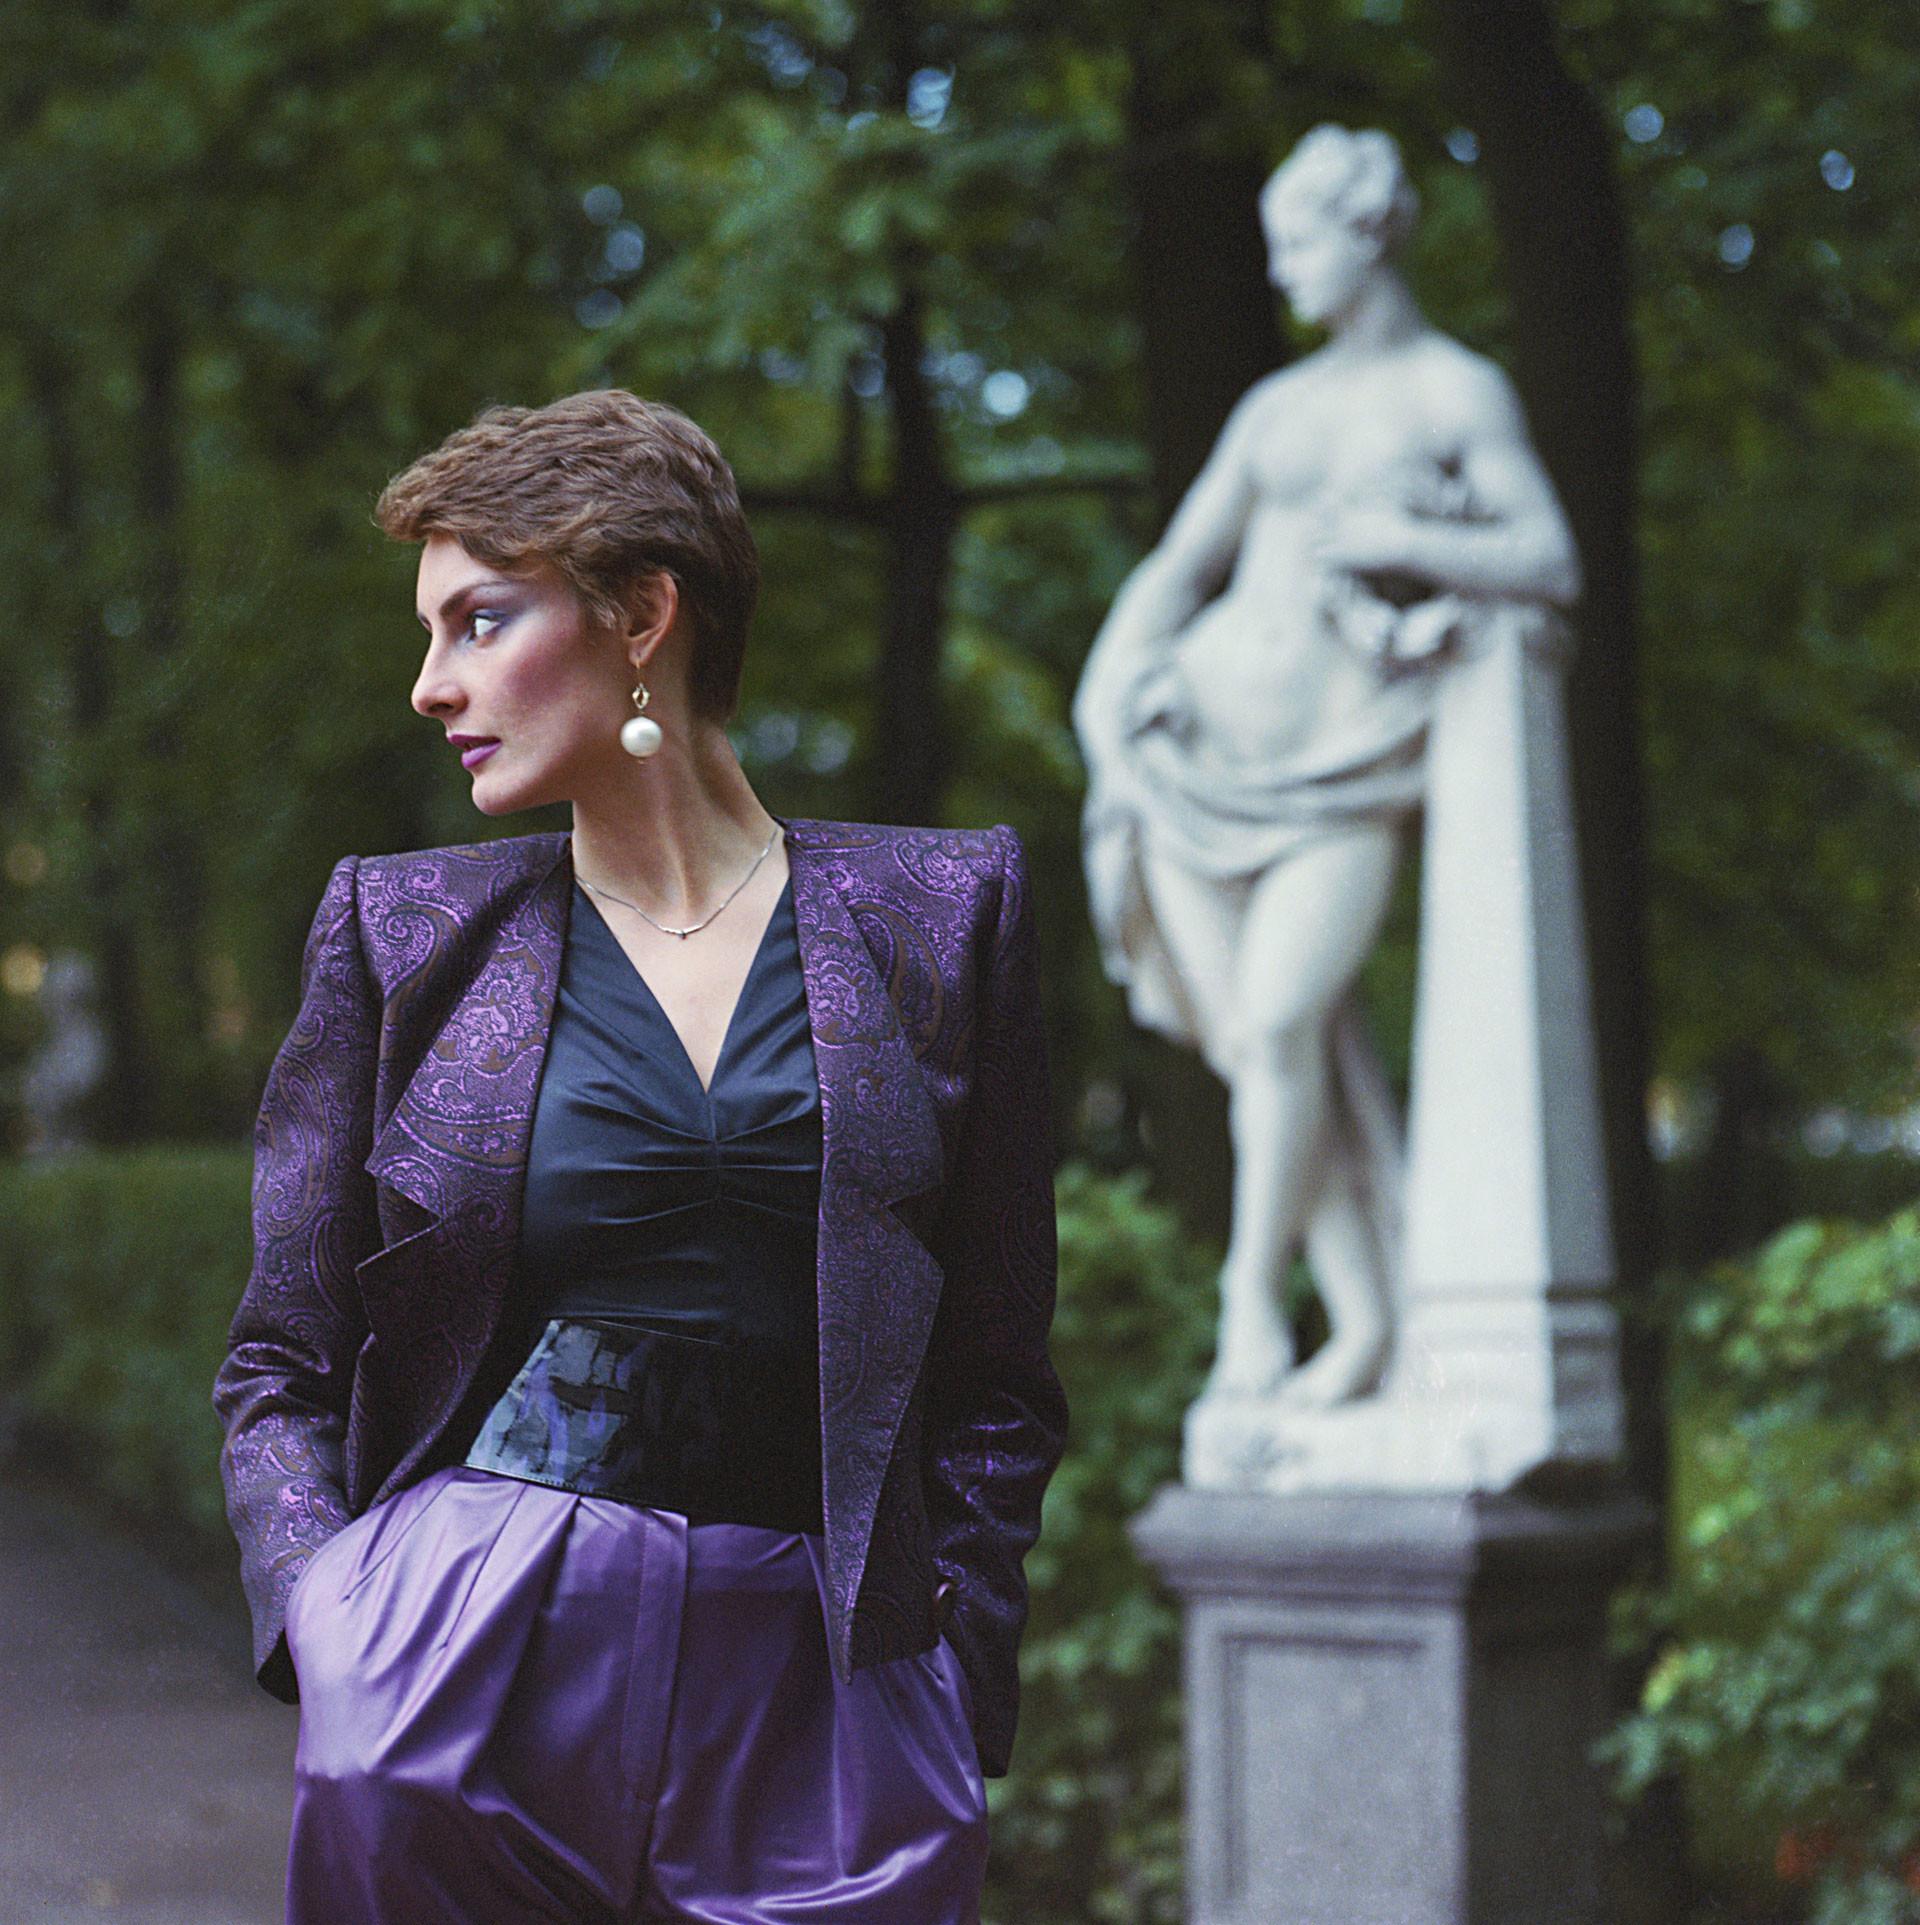 厚手のシルクとメリヤスで作られたエレガントなイヴニング礼装セット 1984年